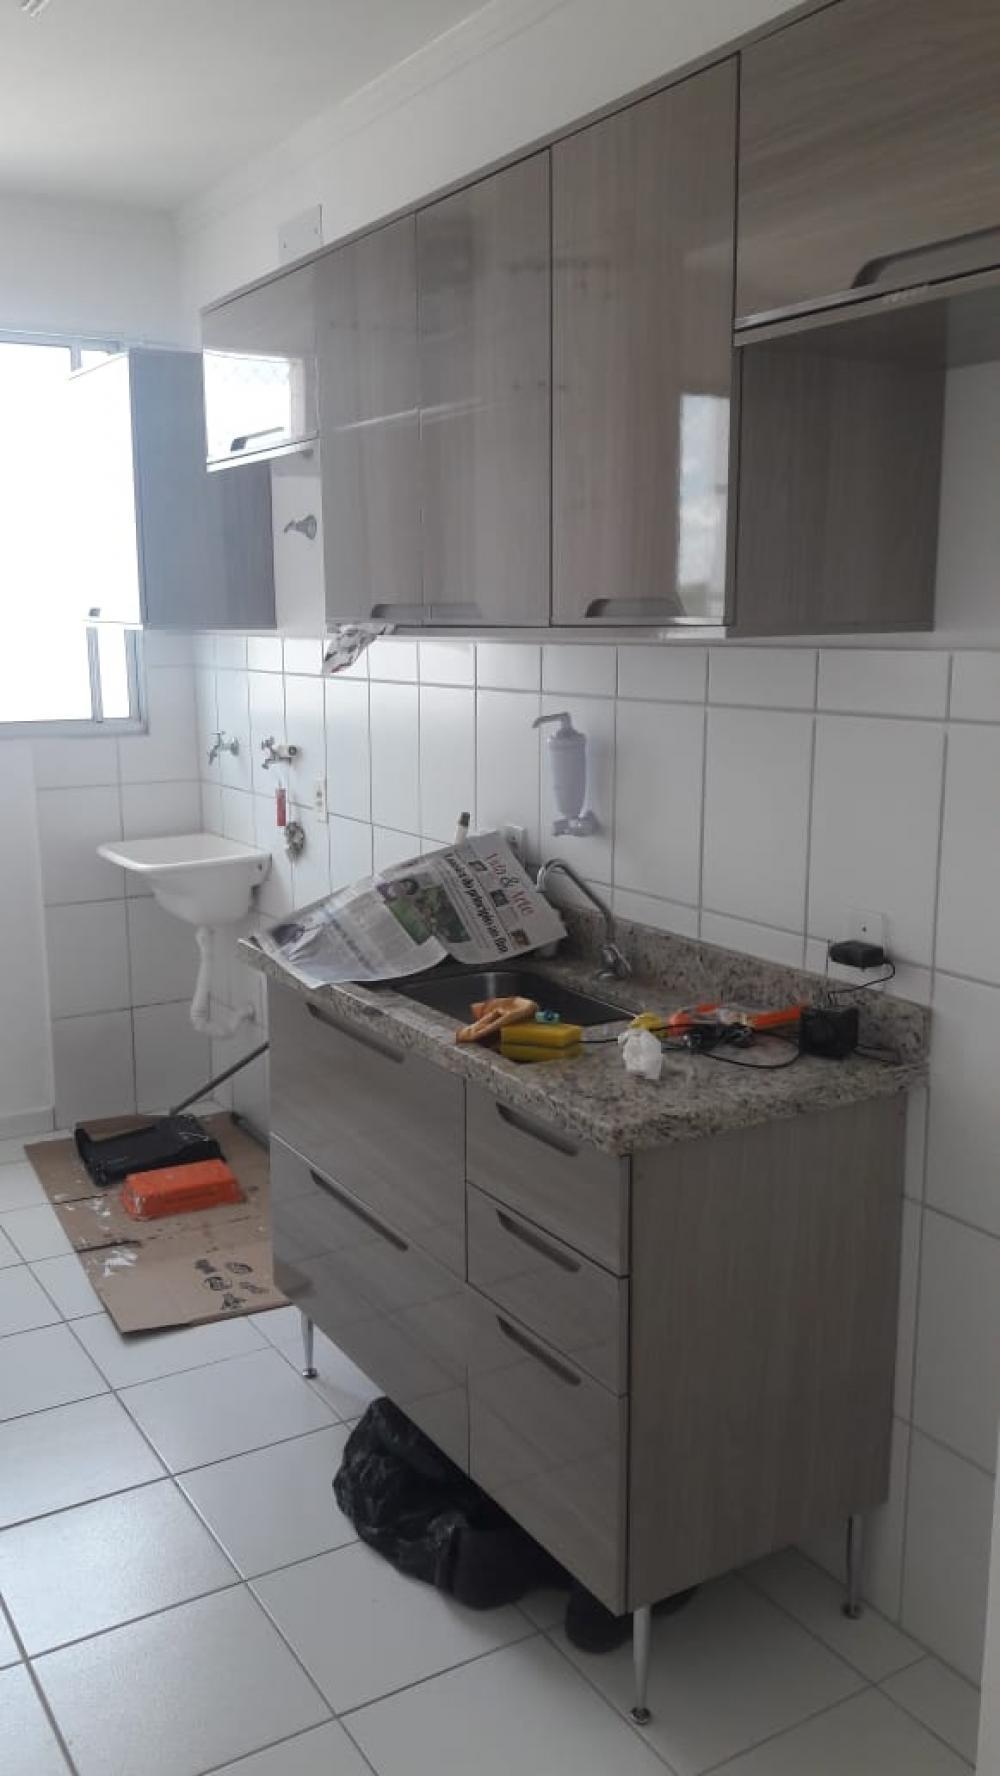 Comprar Apartamento / Padrão em SAO JOSE DO RIO PRETO apenas R$ 160.000,00 - Foto 14